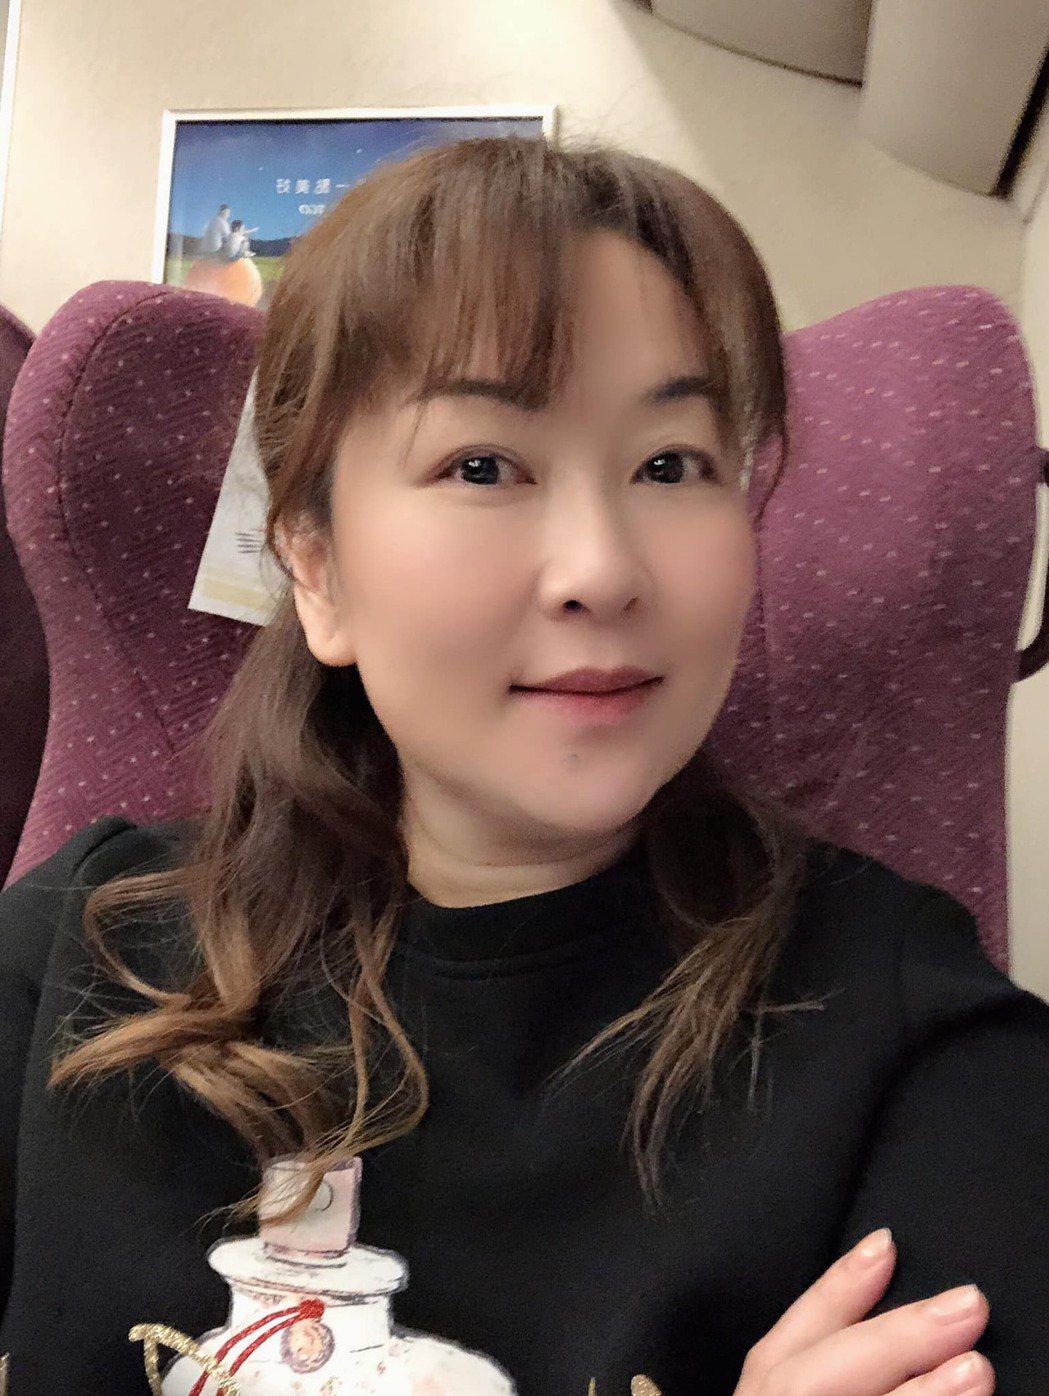 張秀卿近來推出新專輯「阿喜」。圖/摘自臉書